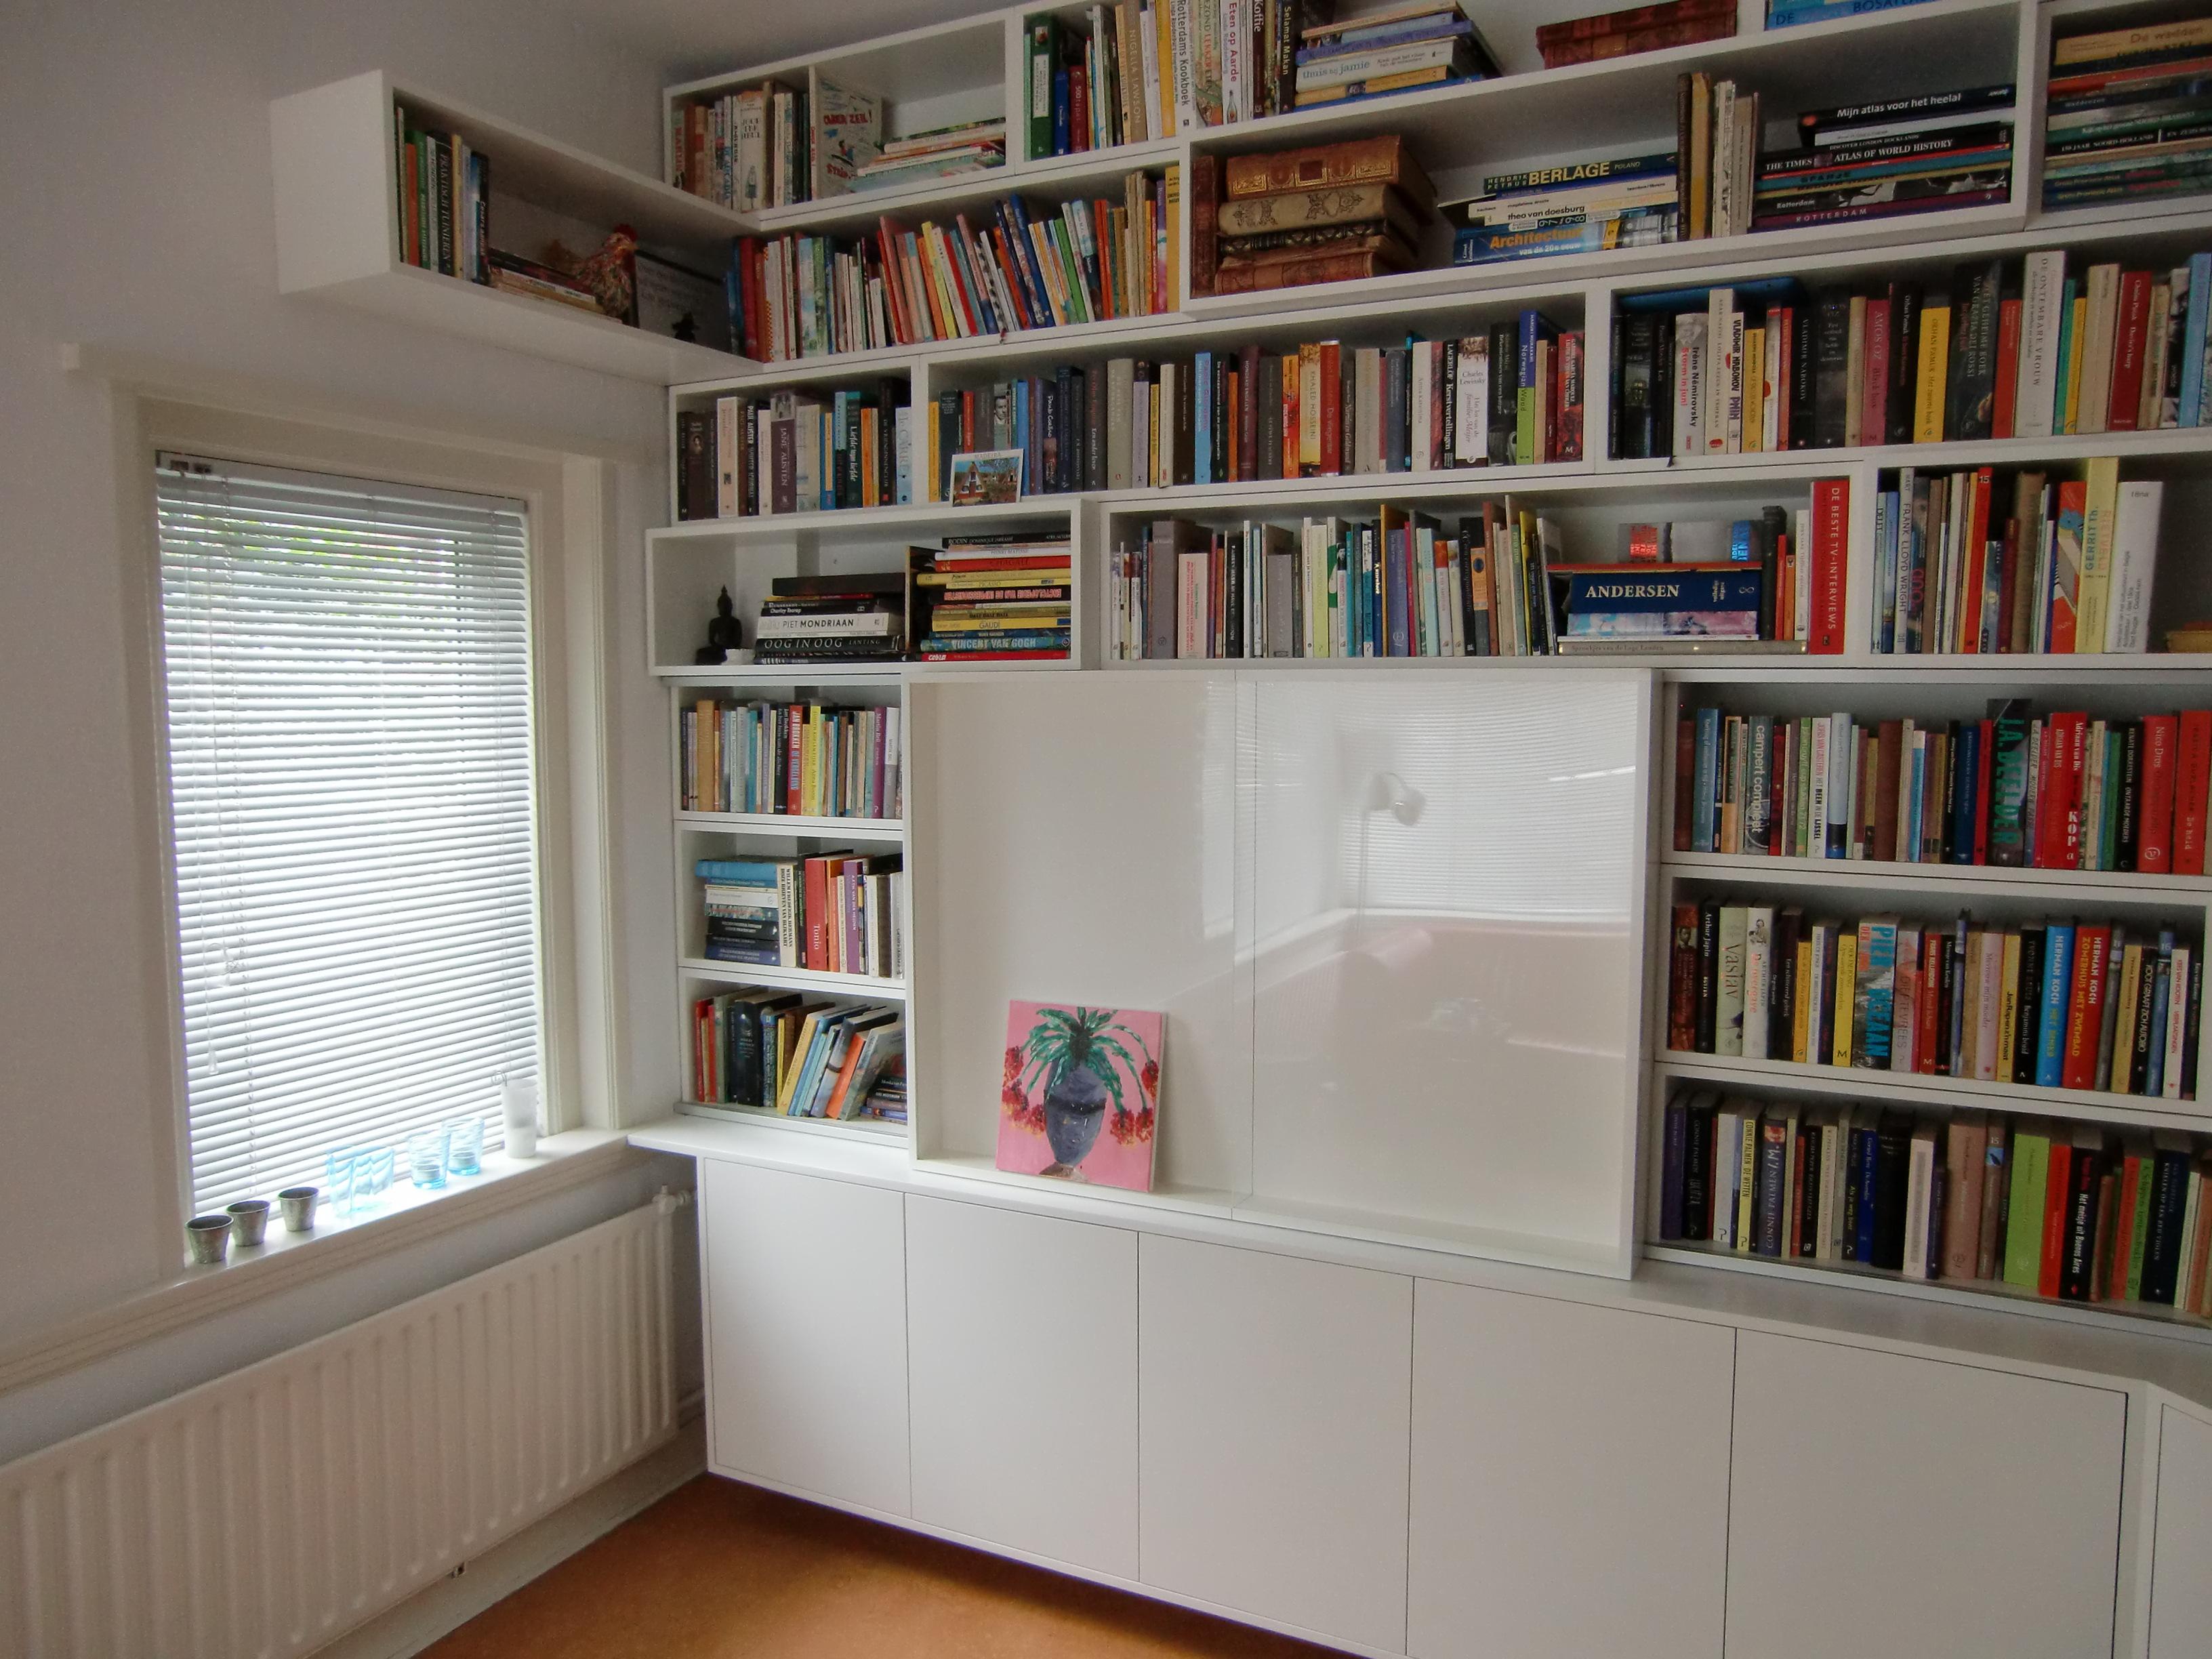 cheap in de zwevende onderbouw is voldoende ruimte voor spelletjes en dvdus deze grote boekenkast lost tevens het probleem met de akoestiek op in een ruimte